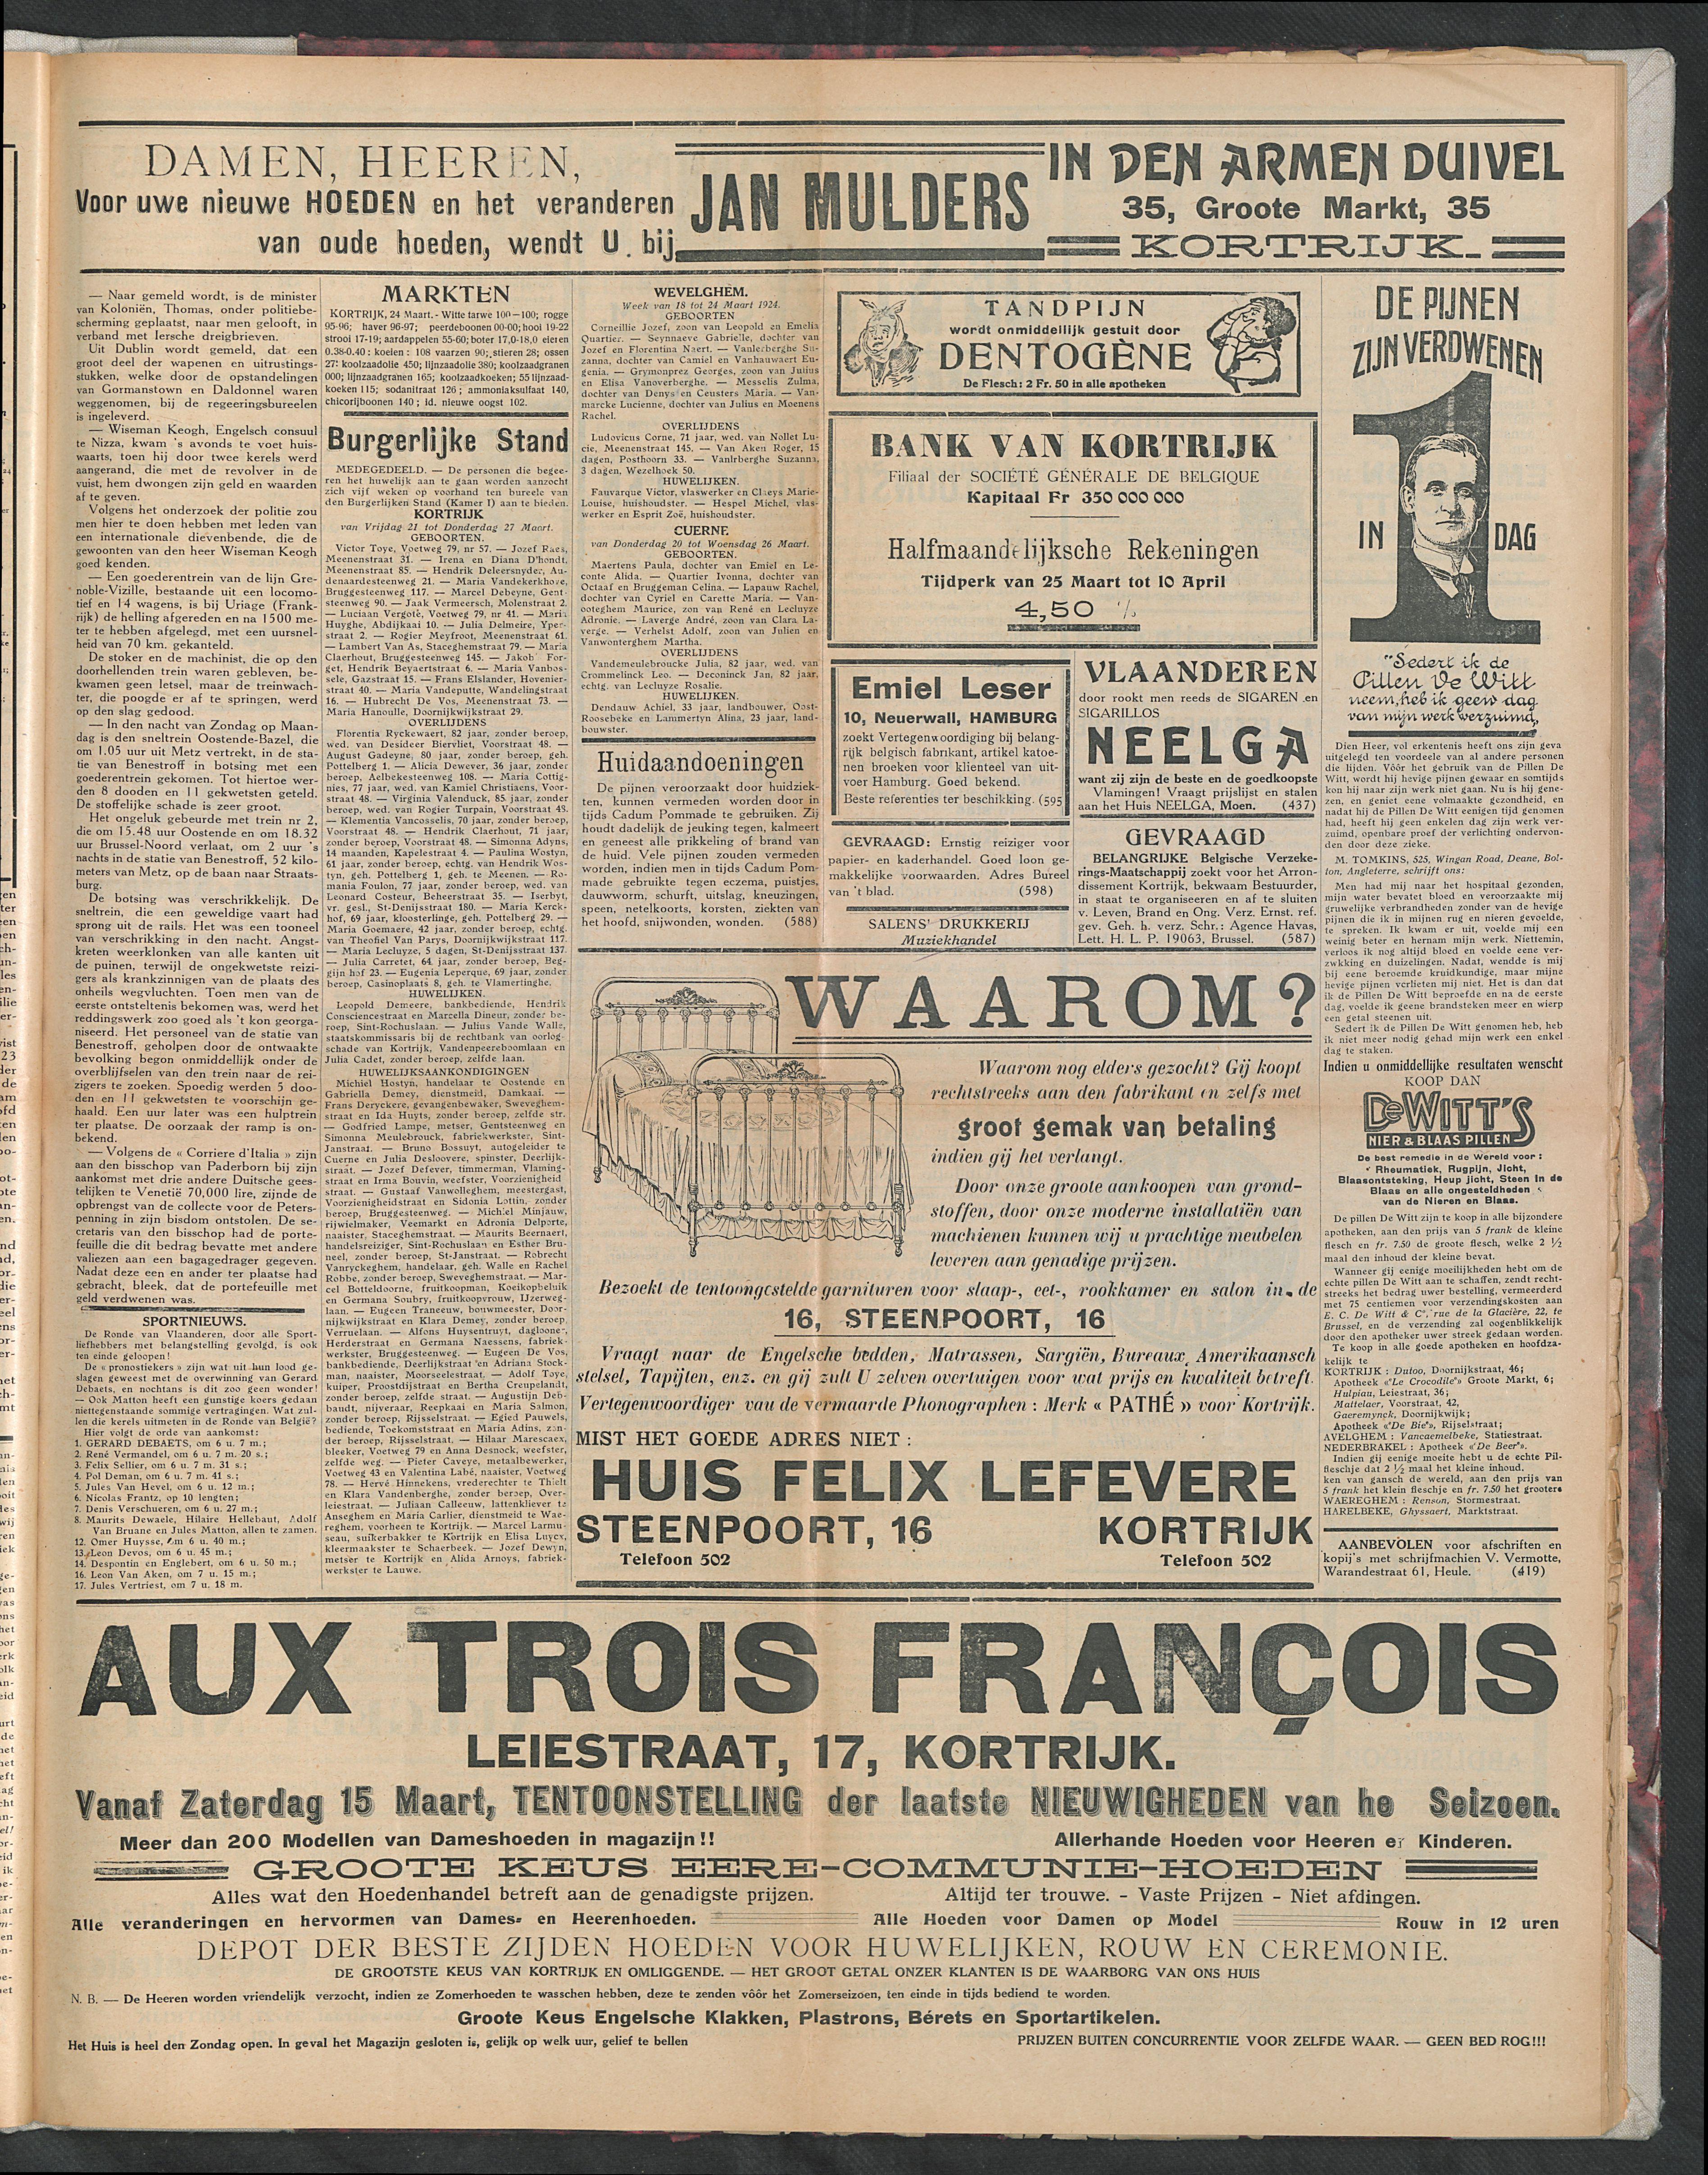 Het Kortrijksche Volk 1924-03-30 p3